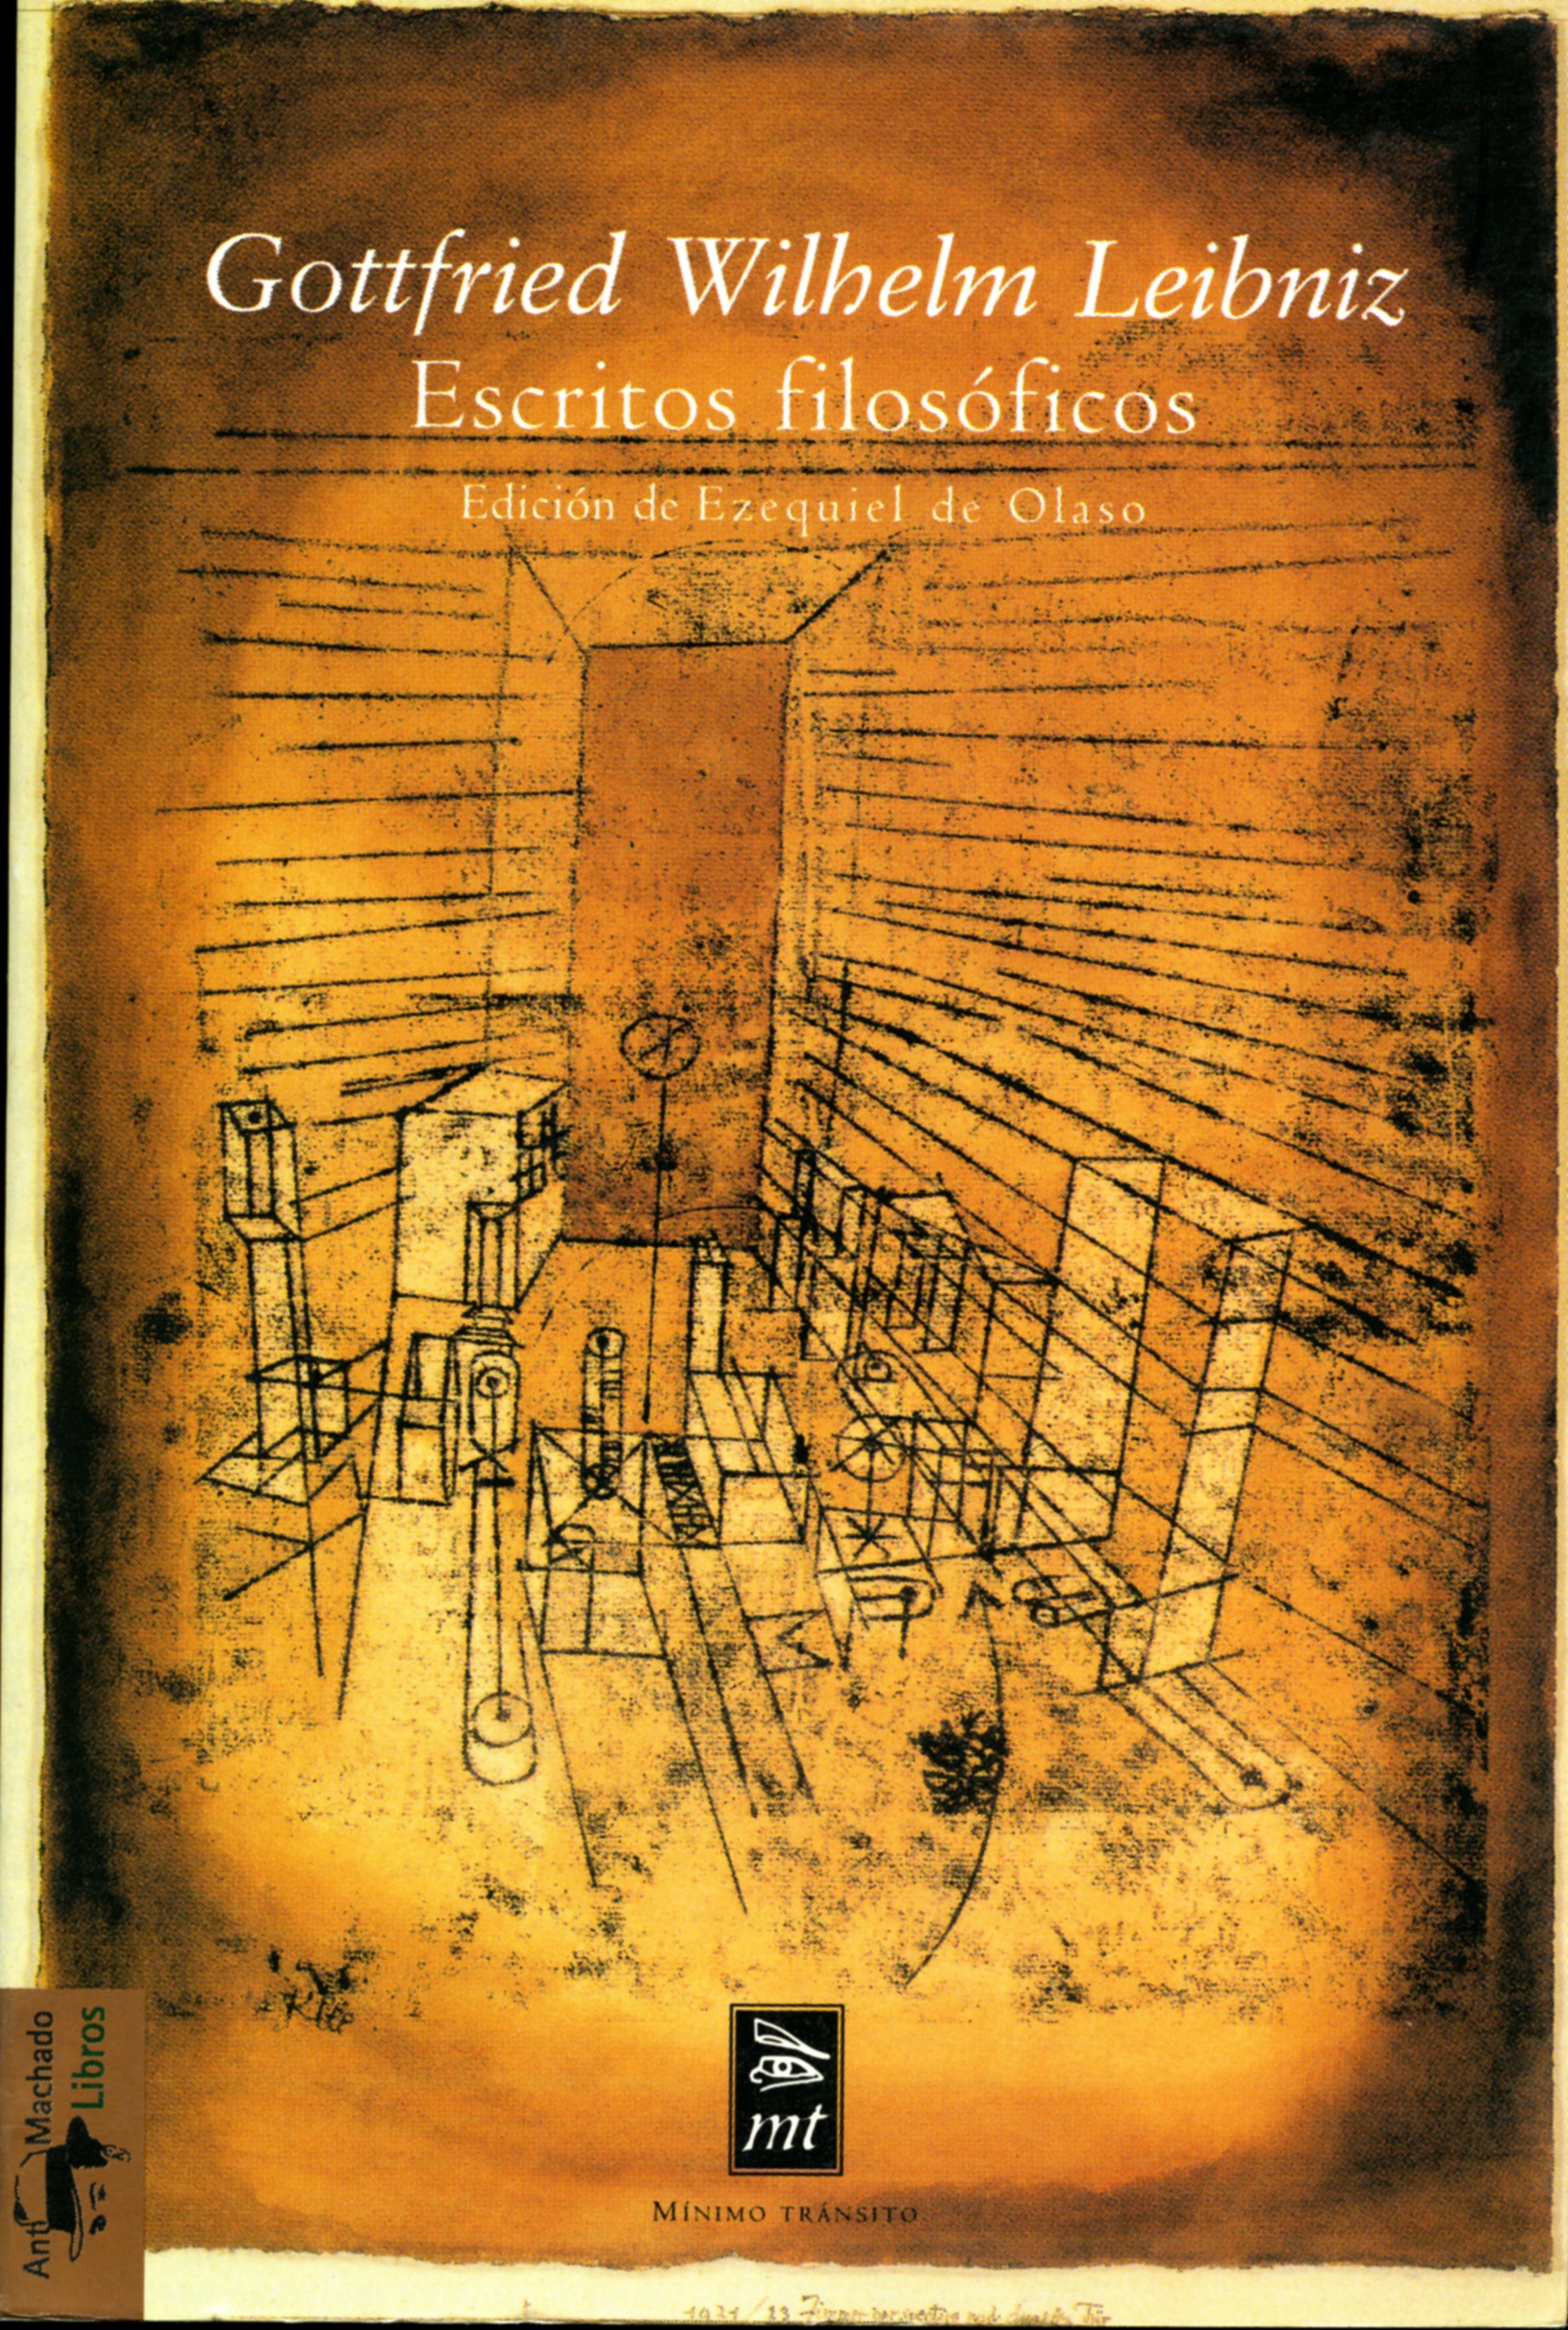 Gottfried Wilhelm Leibniz Escritos filosóficos